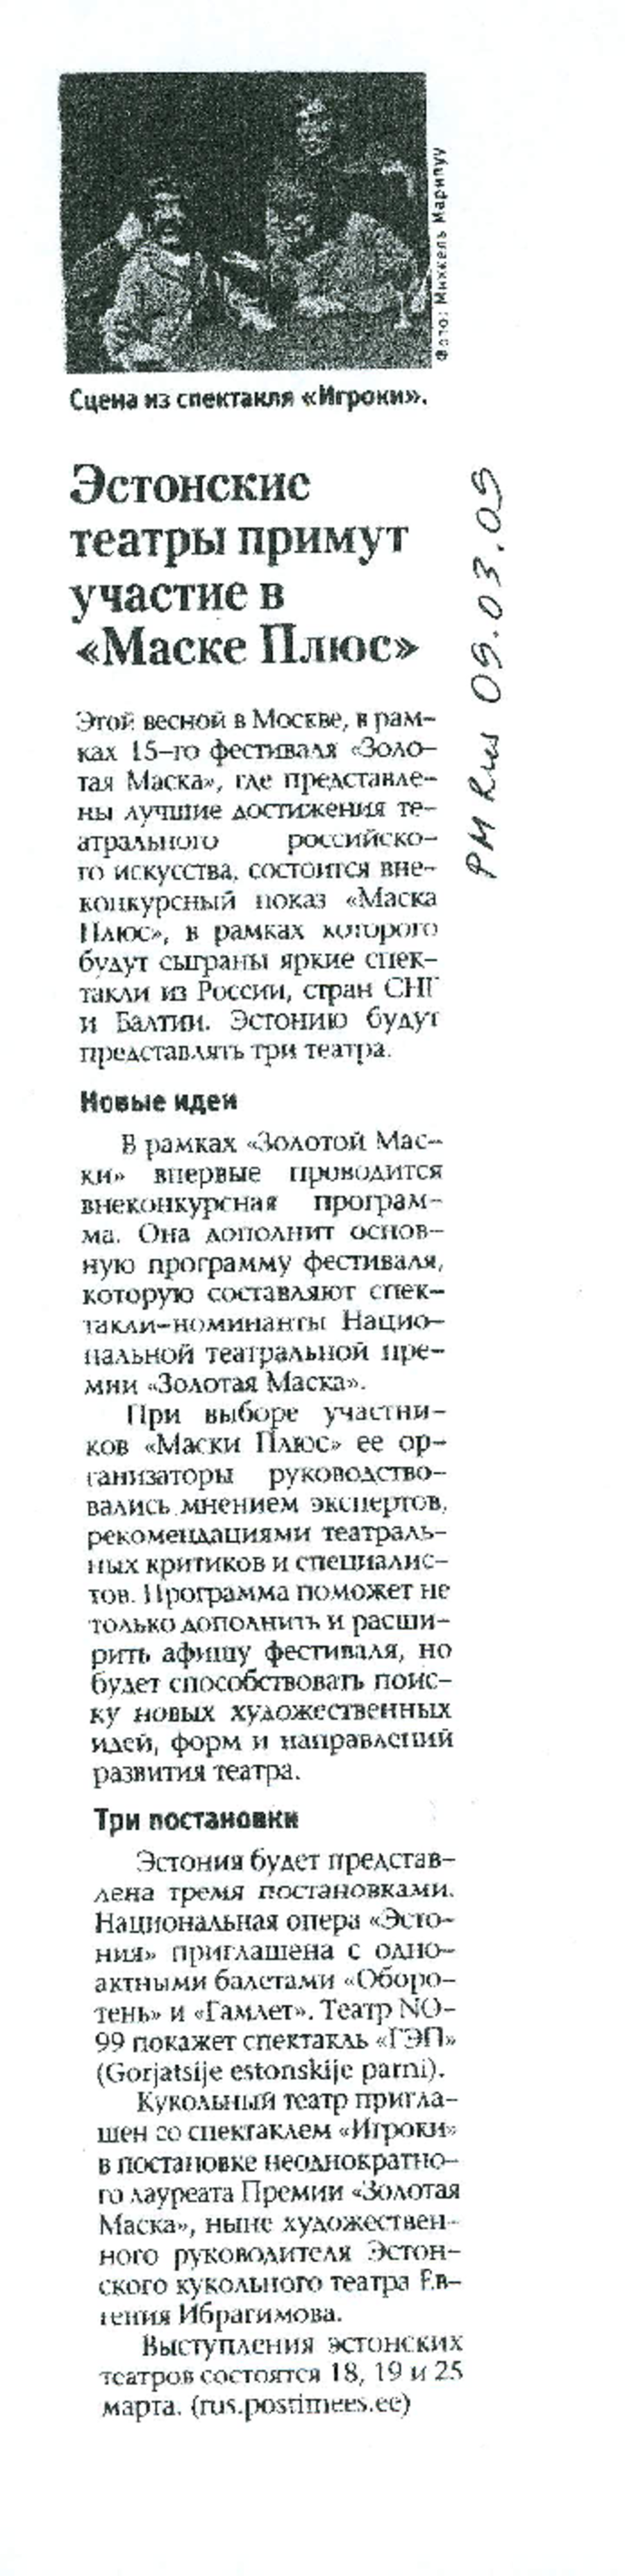 PM(rus) (2)